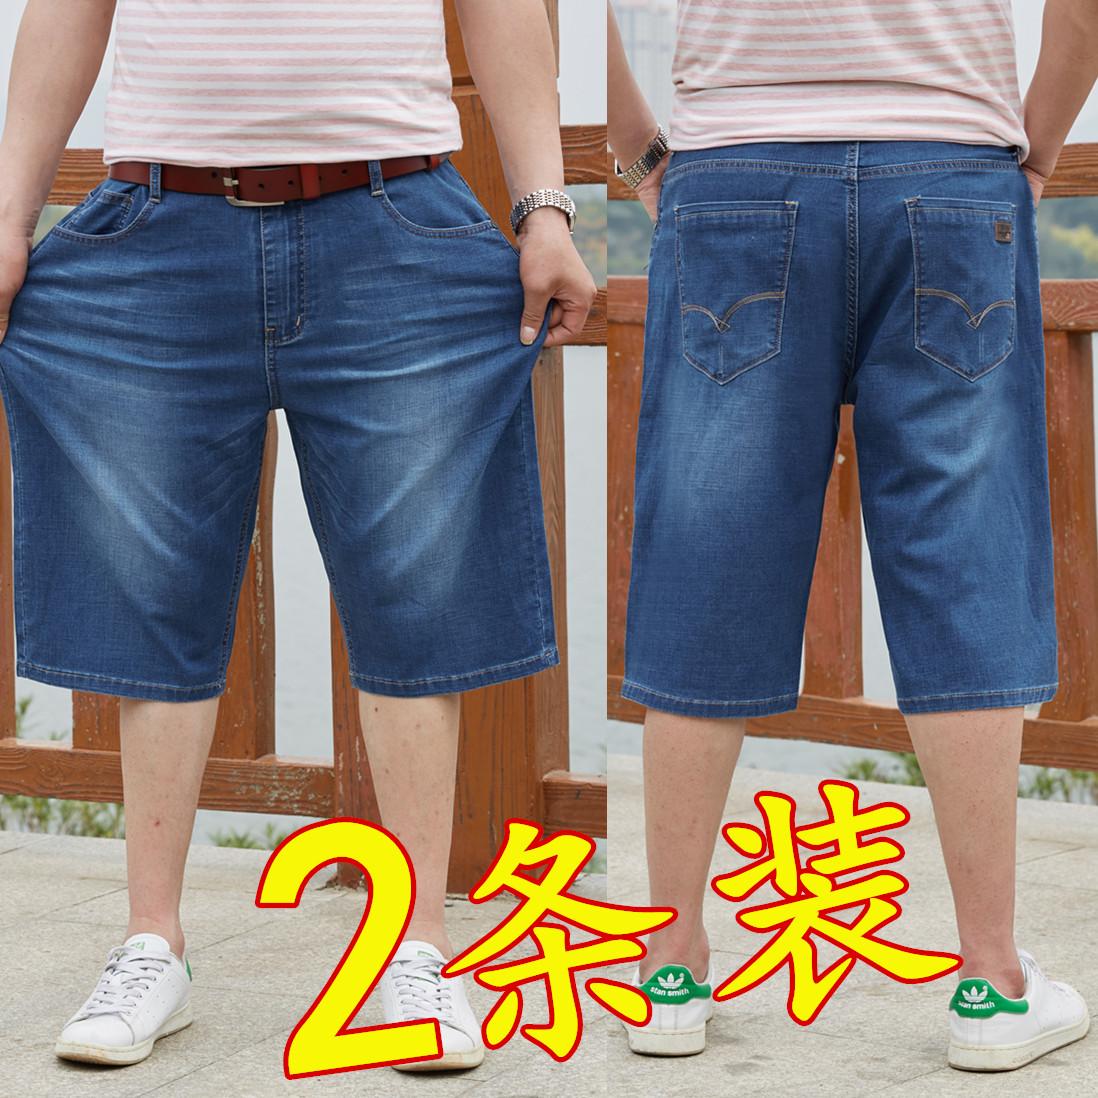 加肥加大码牛仔短裤胖子大号薄款弹力男士宽松高腰七分裤肥佬中裤有赠品